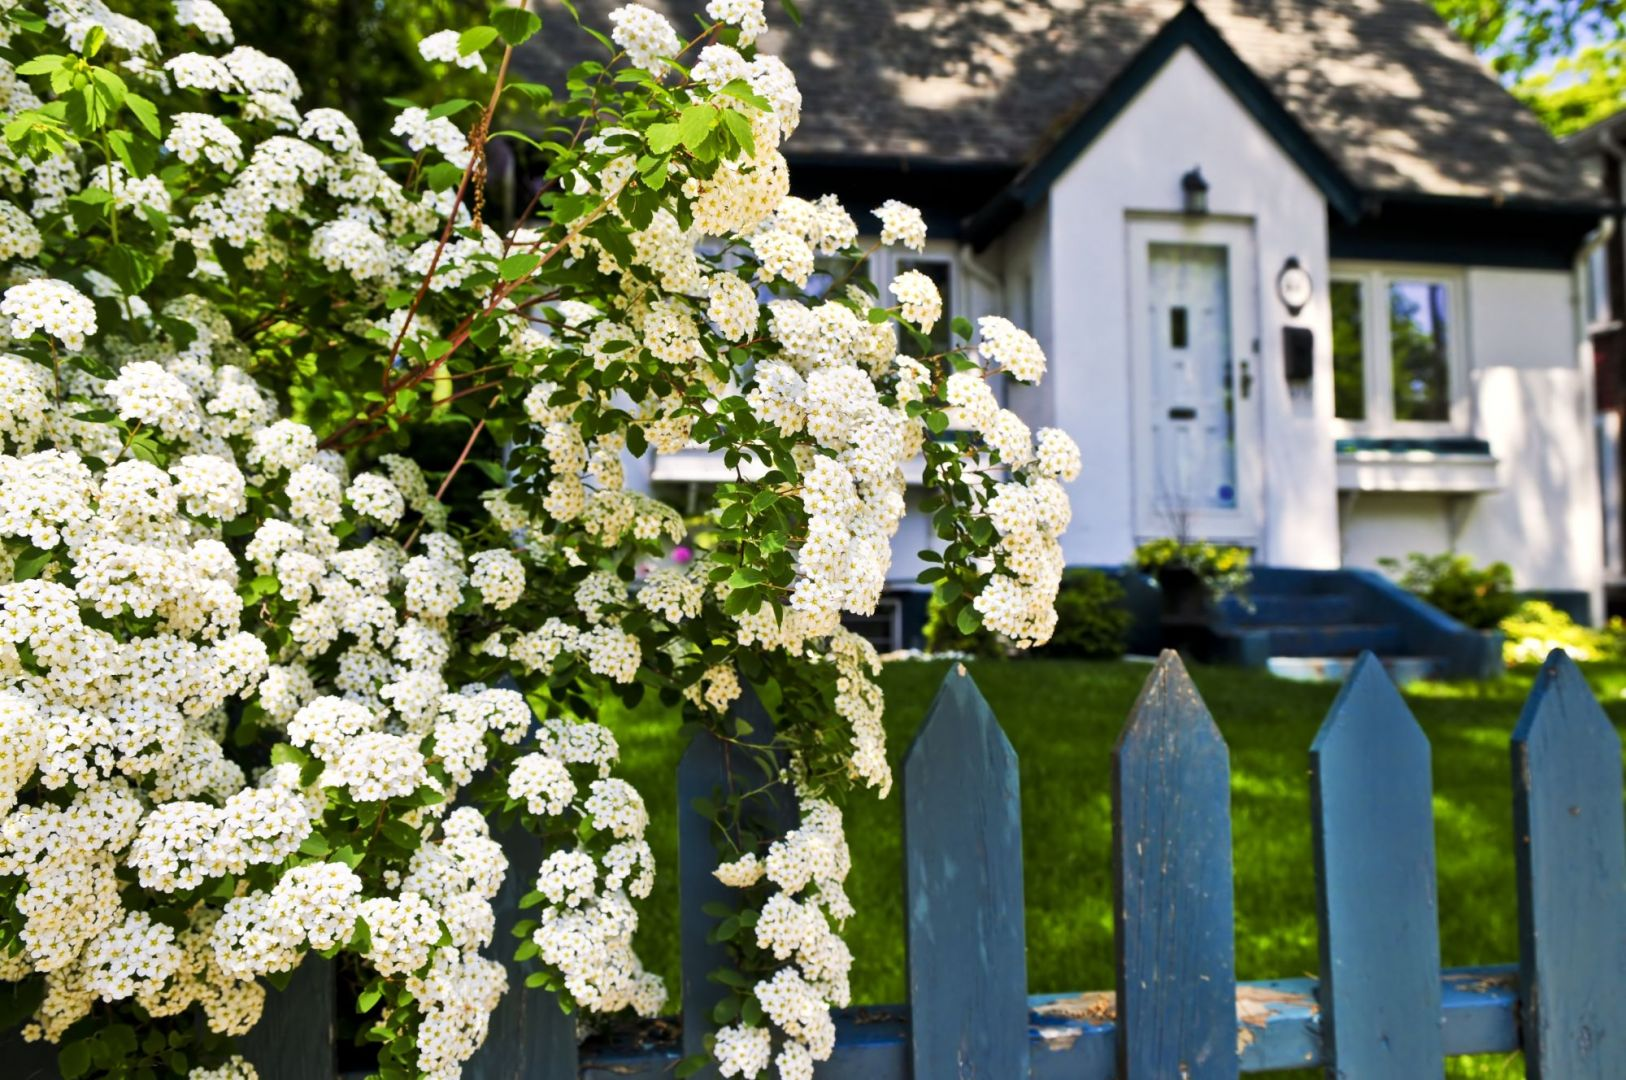 Otoczenie domu: dlaczego warto wykonać projekt ogrodu? Fot. Shutterstock